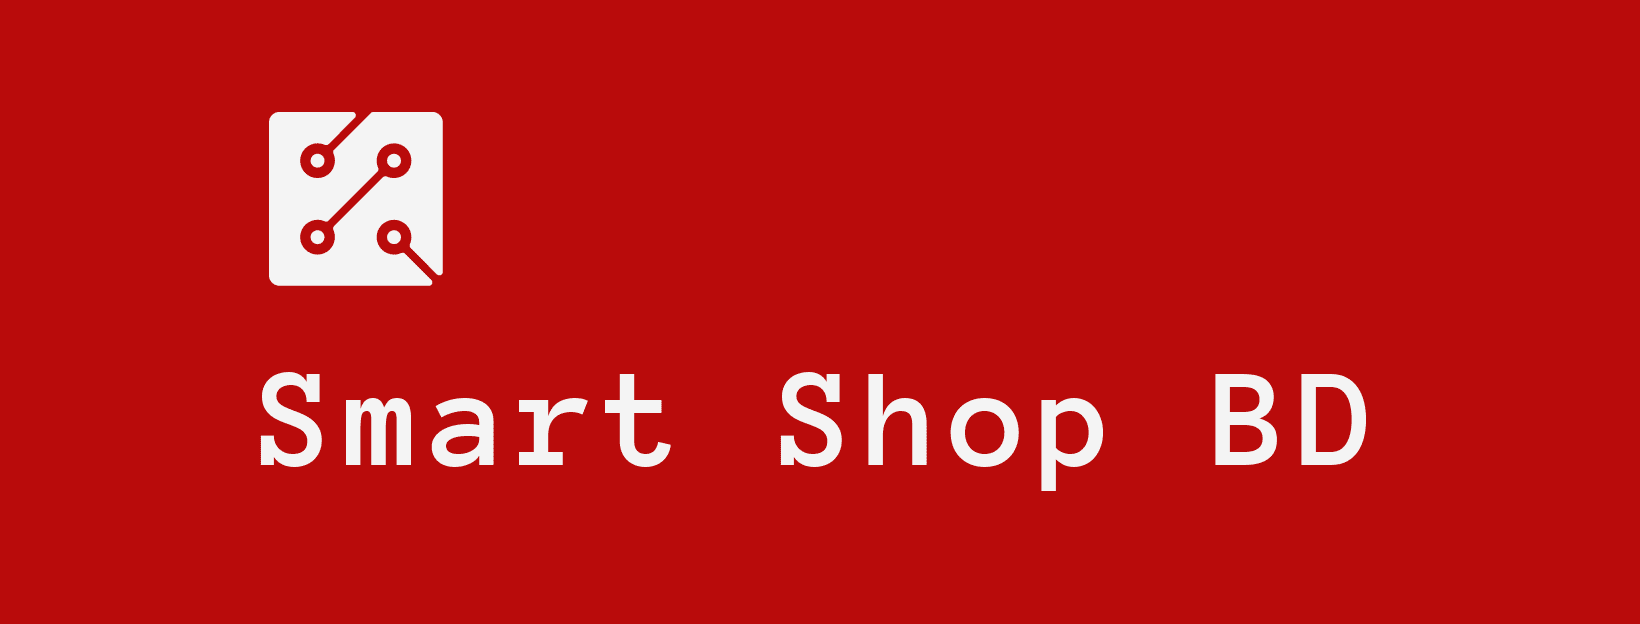 Smart Shop BD